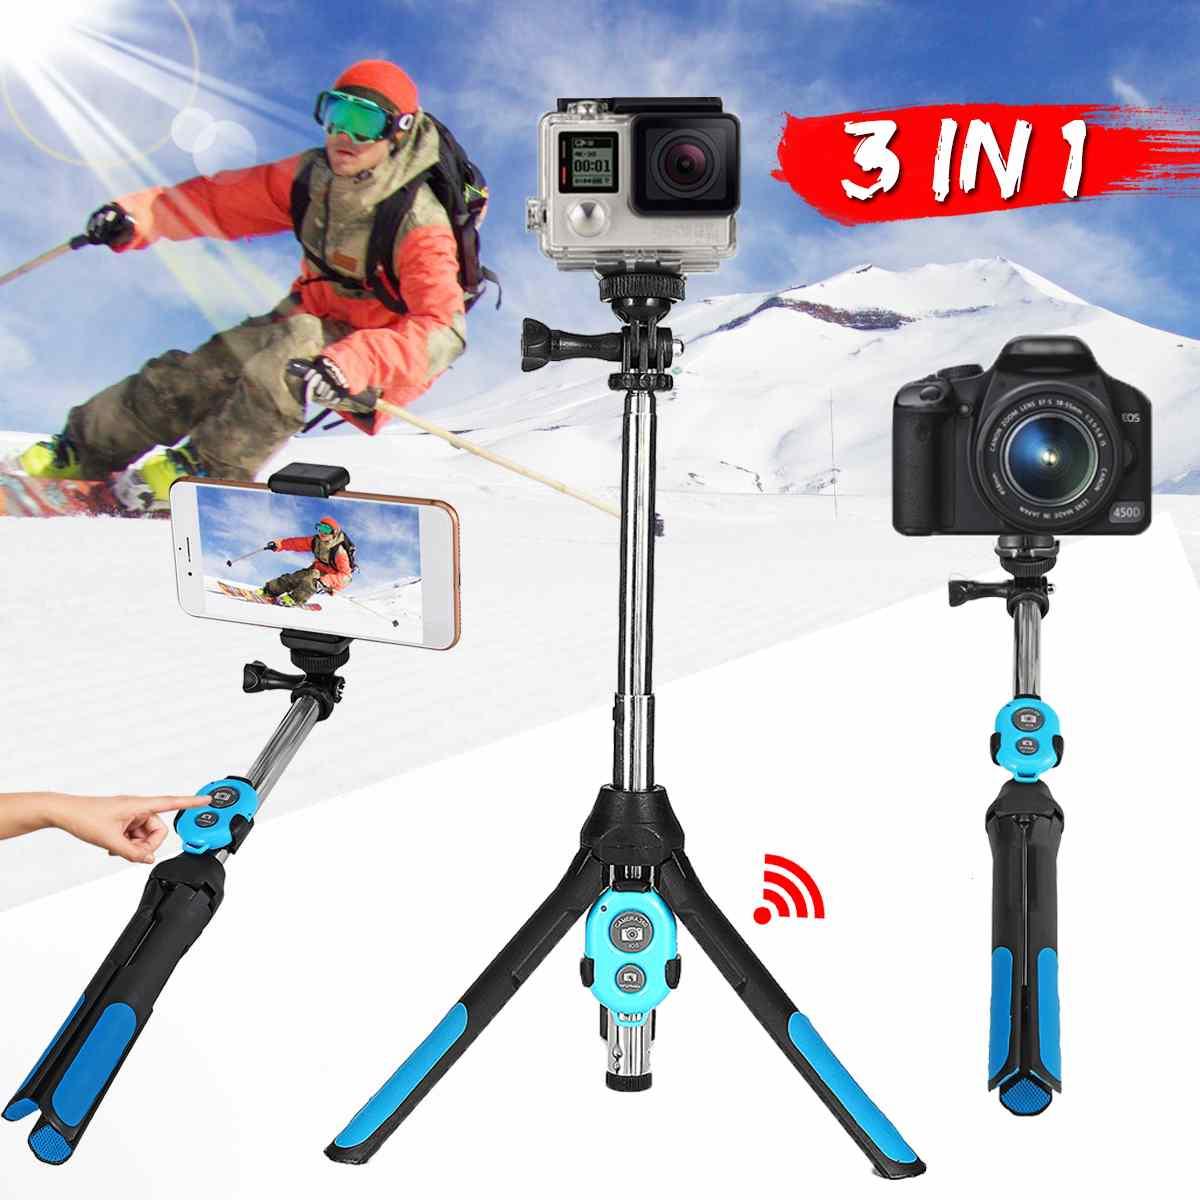 3 em 1 tripé de câmera bluetooth selfie vara monopé sem fio para gopro 5 6 7 esportes câmera slr para iphone xr xs x 8 smartphones